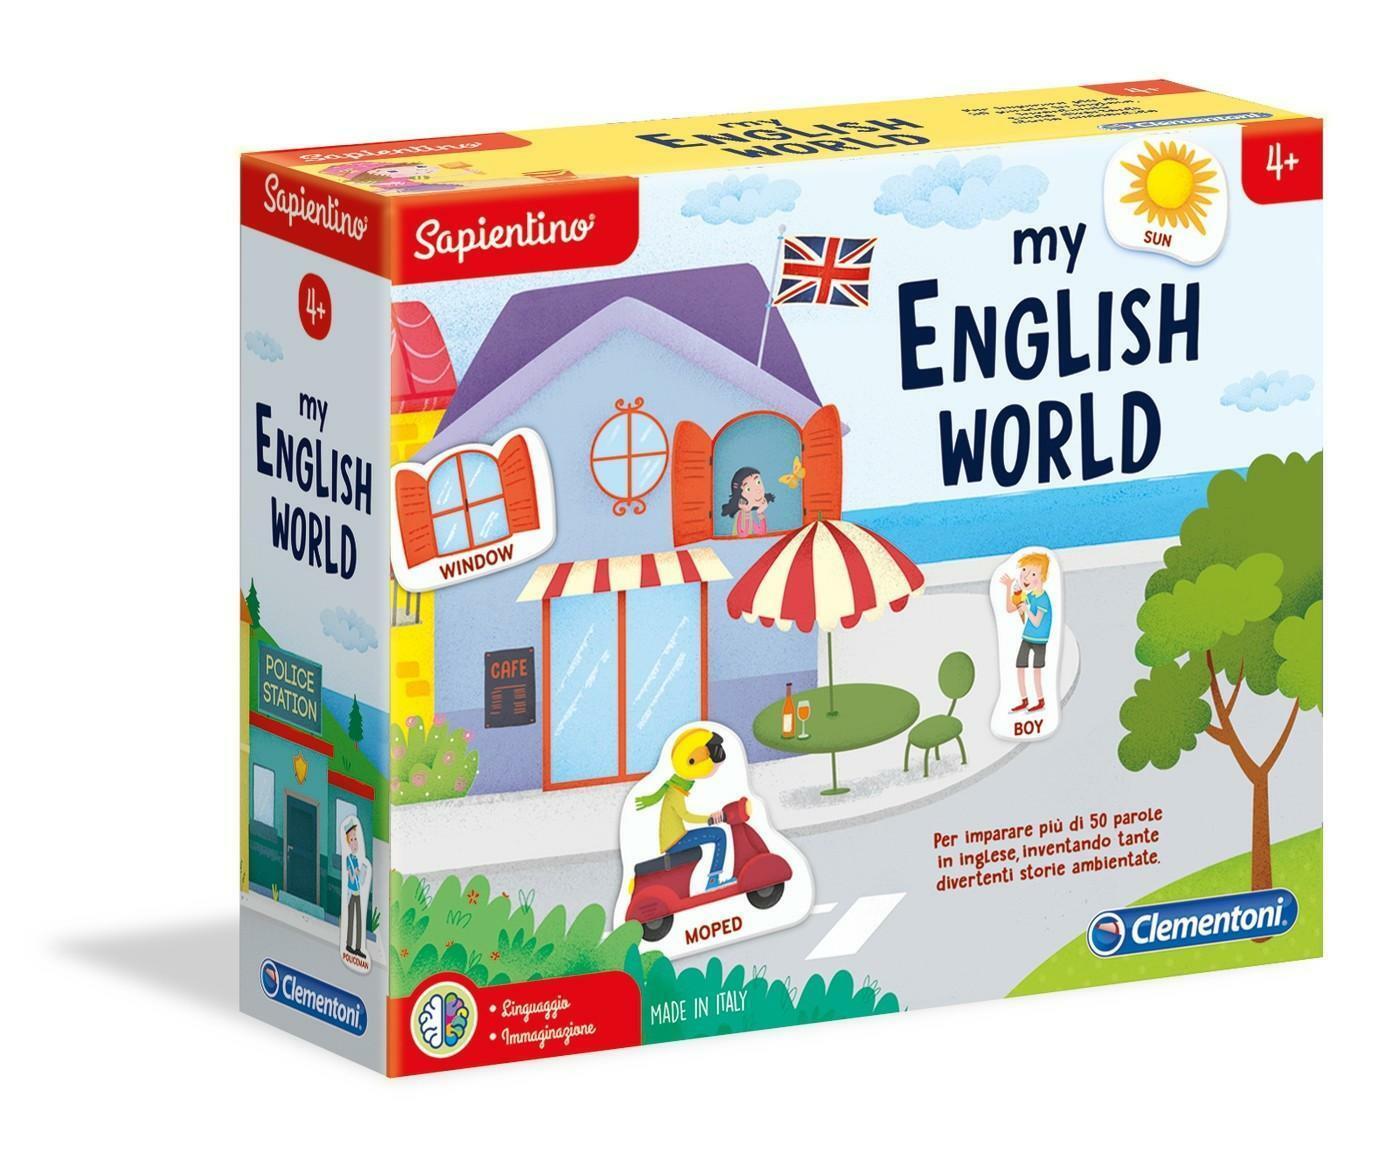 clementoni sapientino my english world 16139